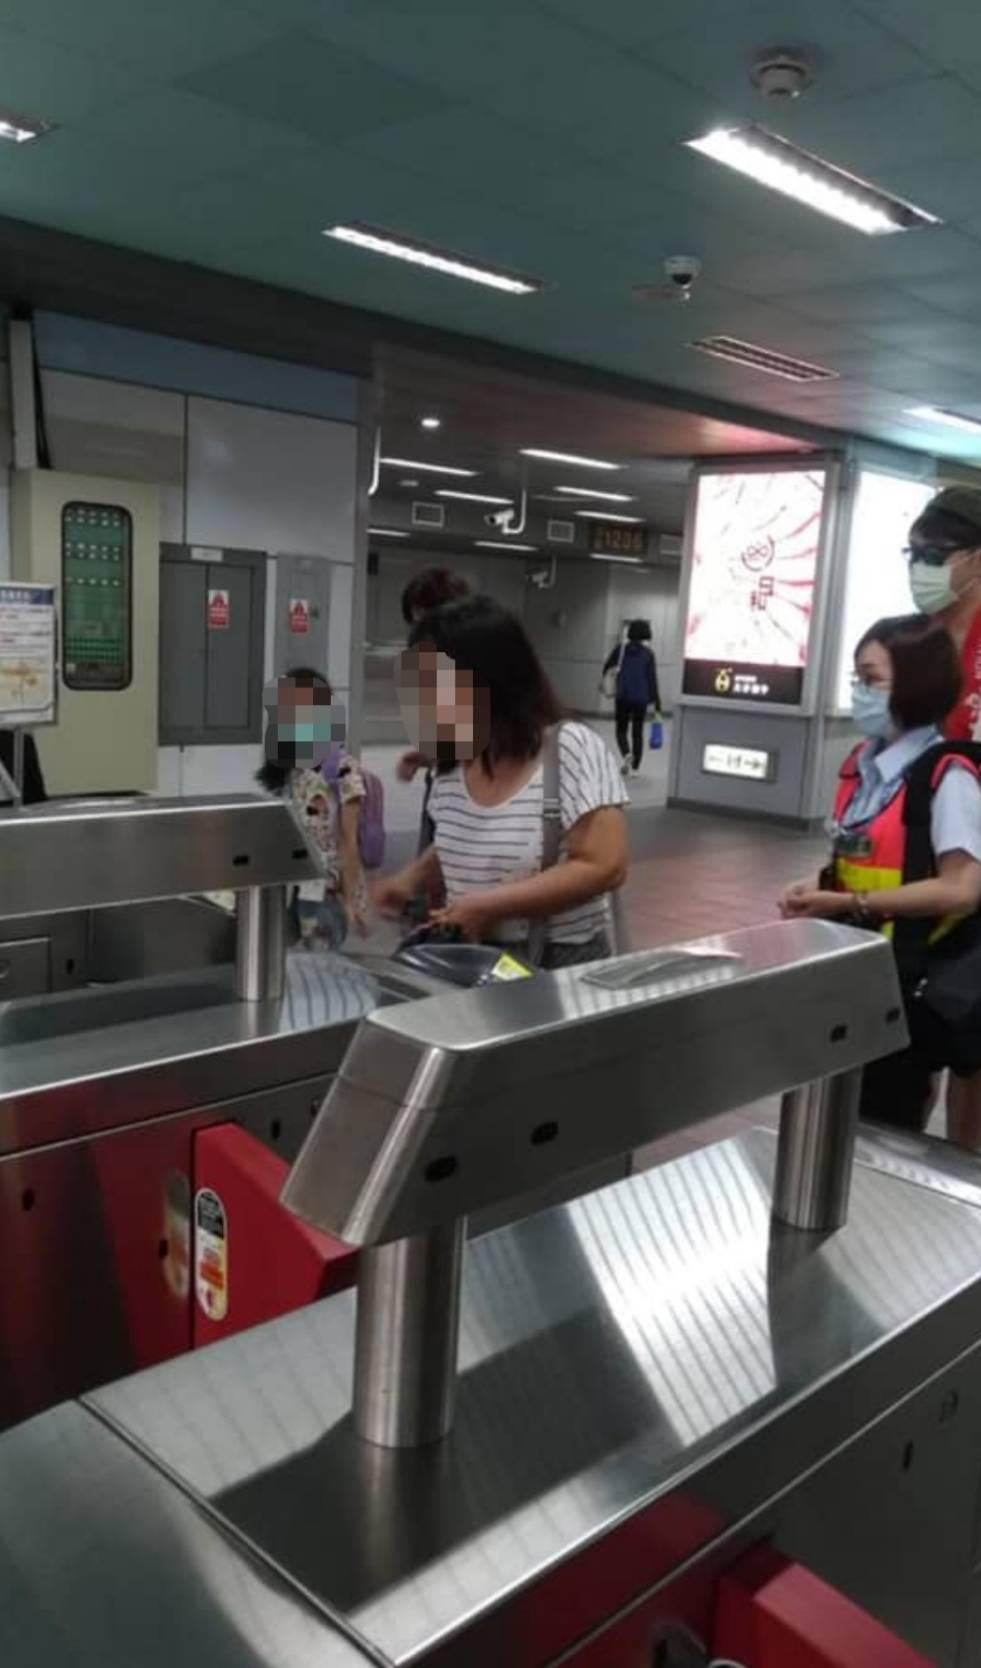 大媽「故意不戴口罩」搭捷運 「拿著口罩」狂嗆:憑什麼罰我!